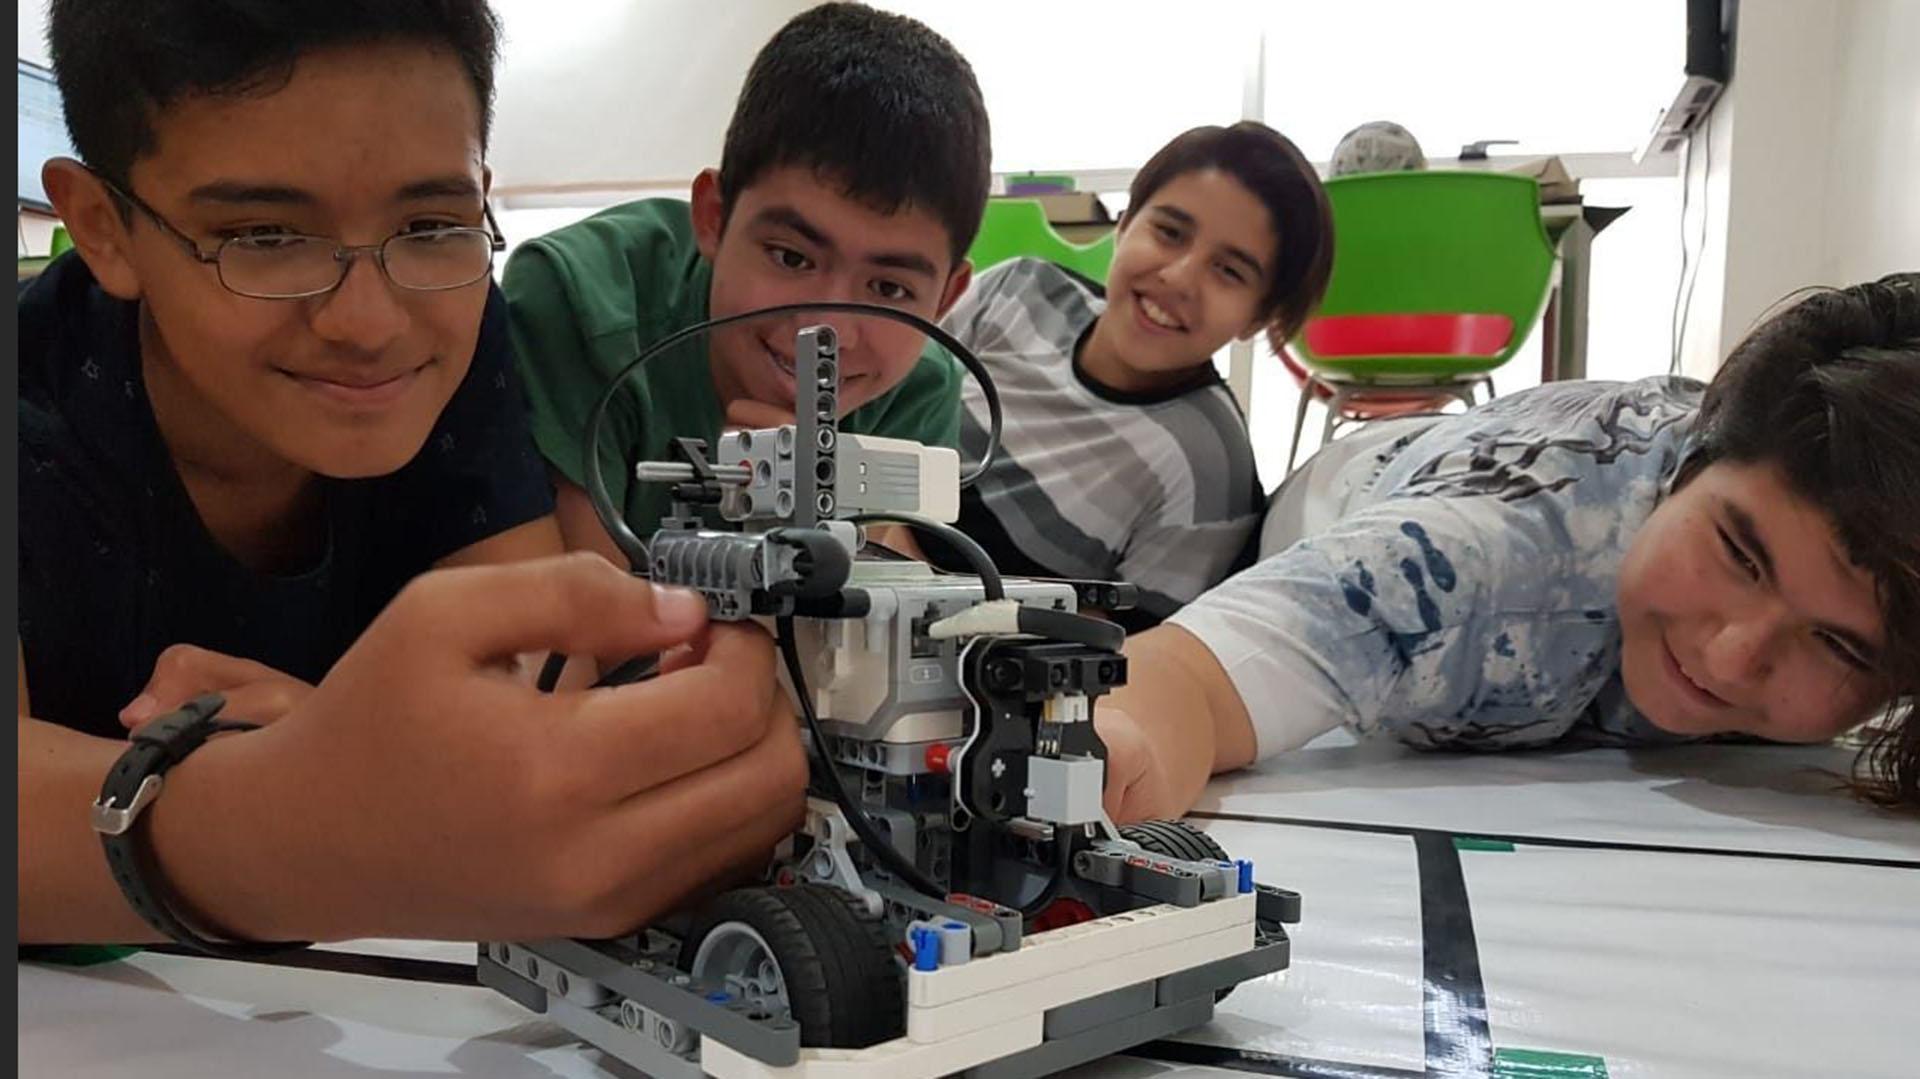 Los estudiantes trabajando en el robot.